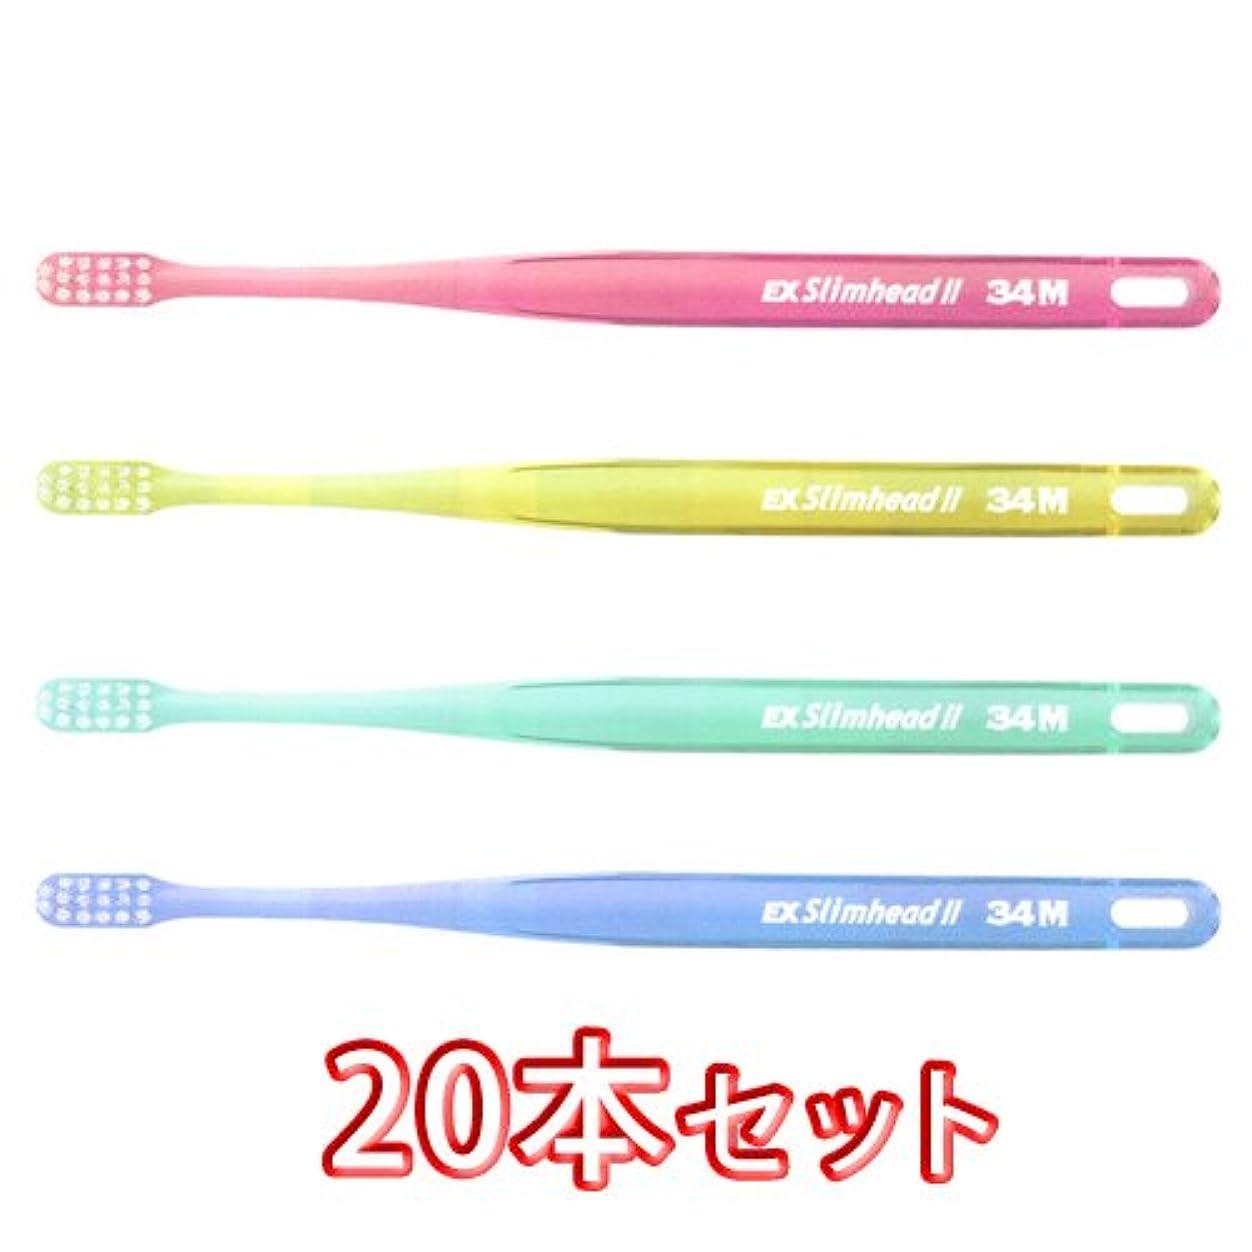 病気案件永久にライオン スリムヘッド2 歯ブラシ DENT . EX Slimhead2 20本入 (34M)